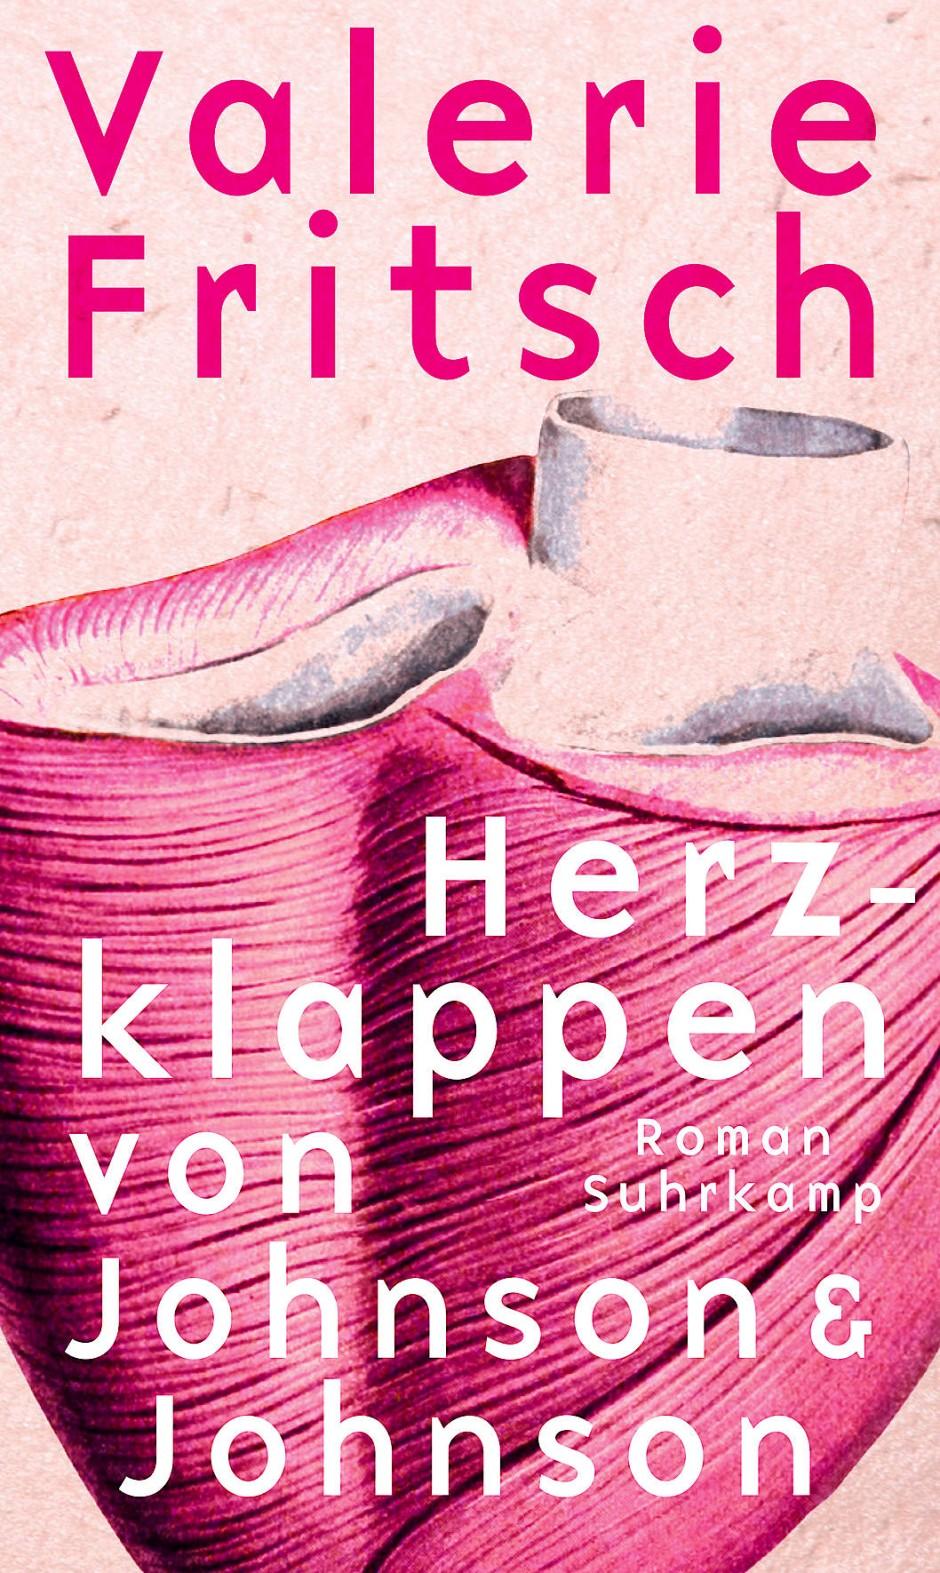 """Valerie Fritsch: """"Herzklappen von Johnson&Johnson"""". Roman. Suhrkamp Verlag, Berlin 2020.174 S., geb., 22,–€."""